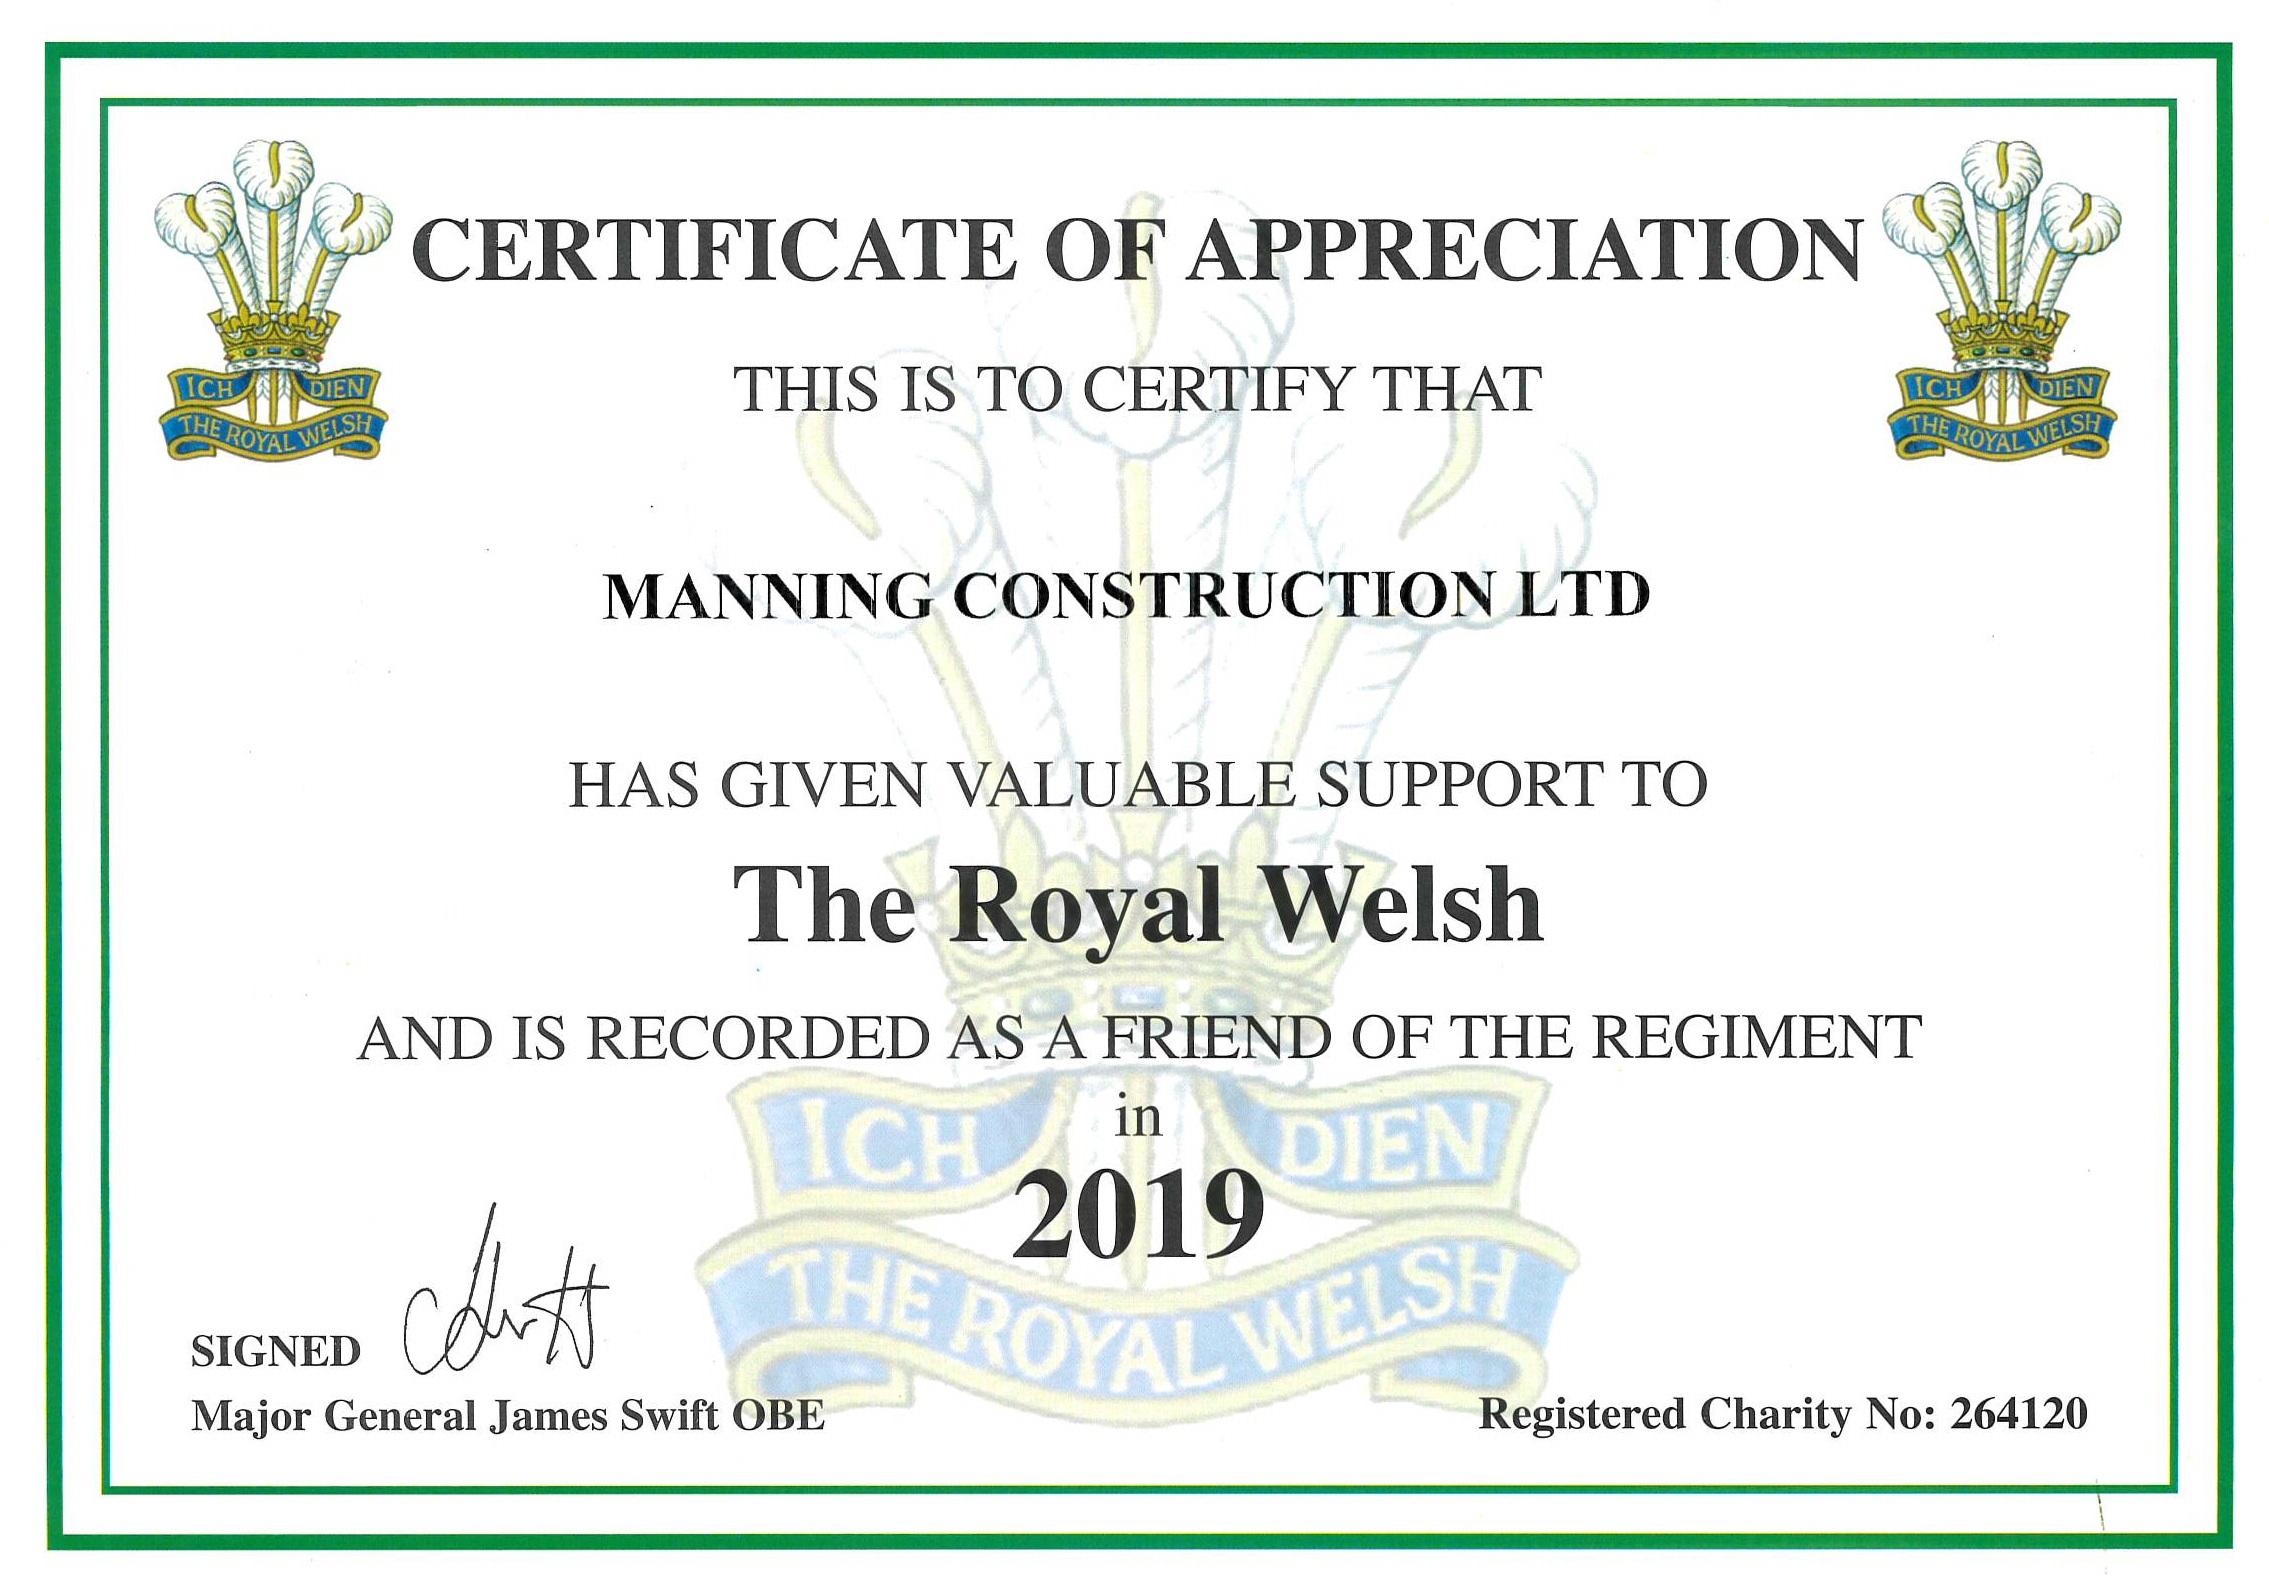 Royal Welsh Regiment Friend